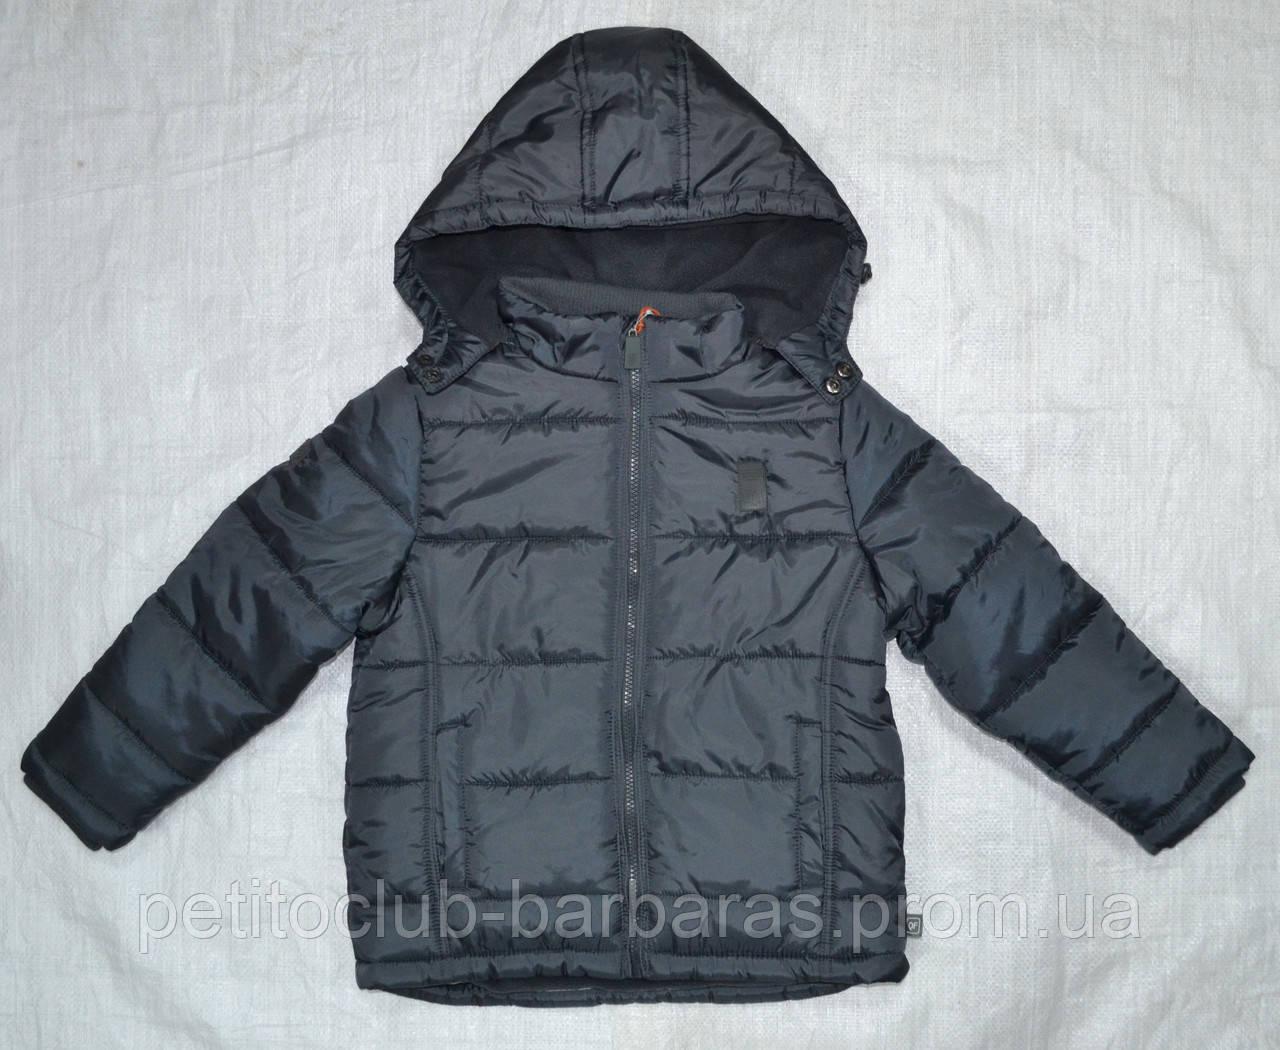 Куртка зимняя GAO серая (QuadriFoglio, Польша)